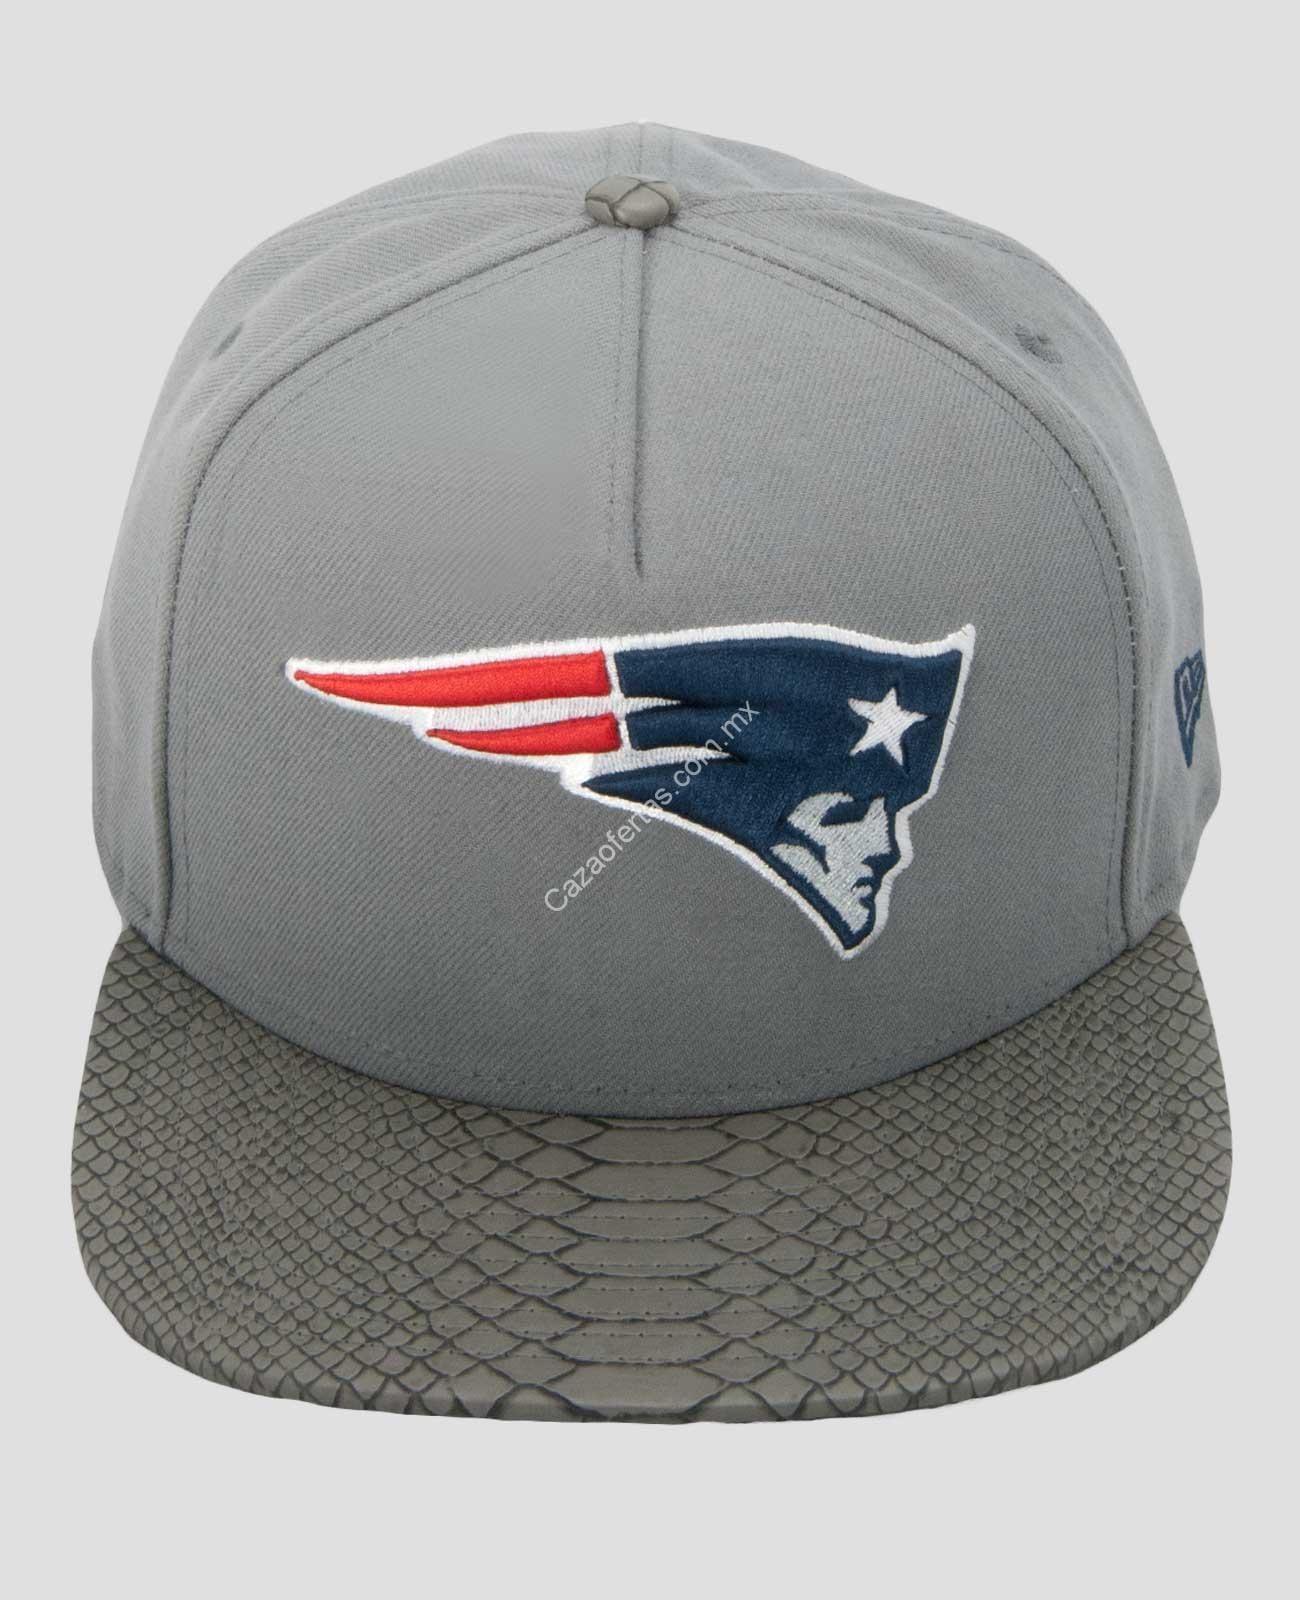 Gorras originales New Era Cap con descuento desde  104 en tienda online de  Promoda 02695061af2